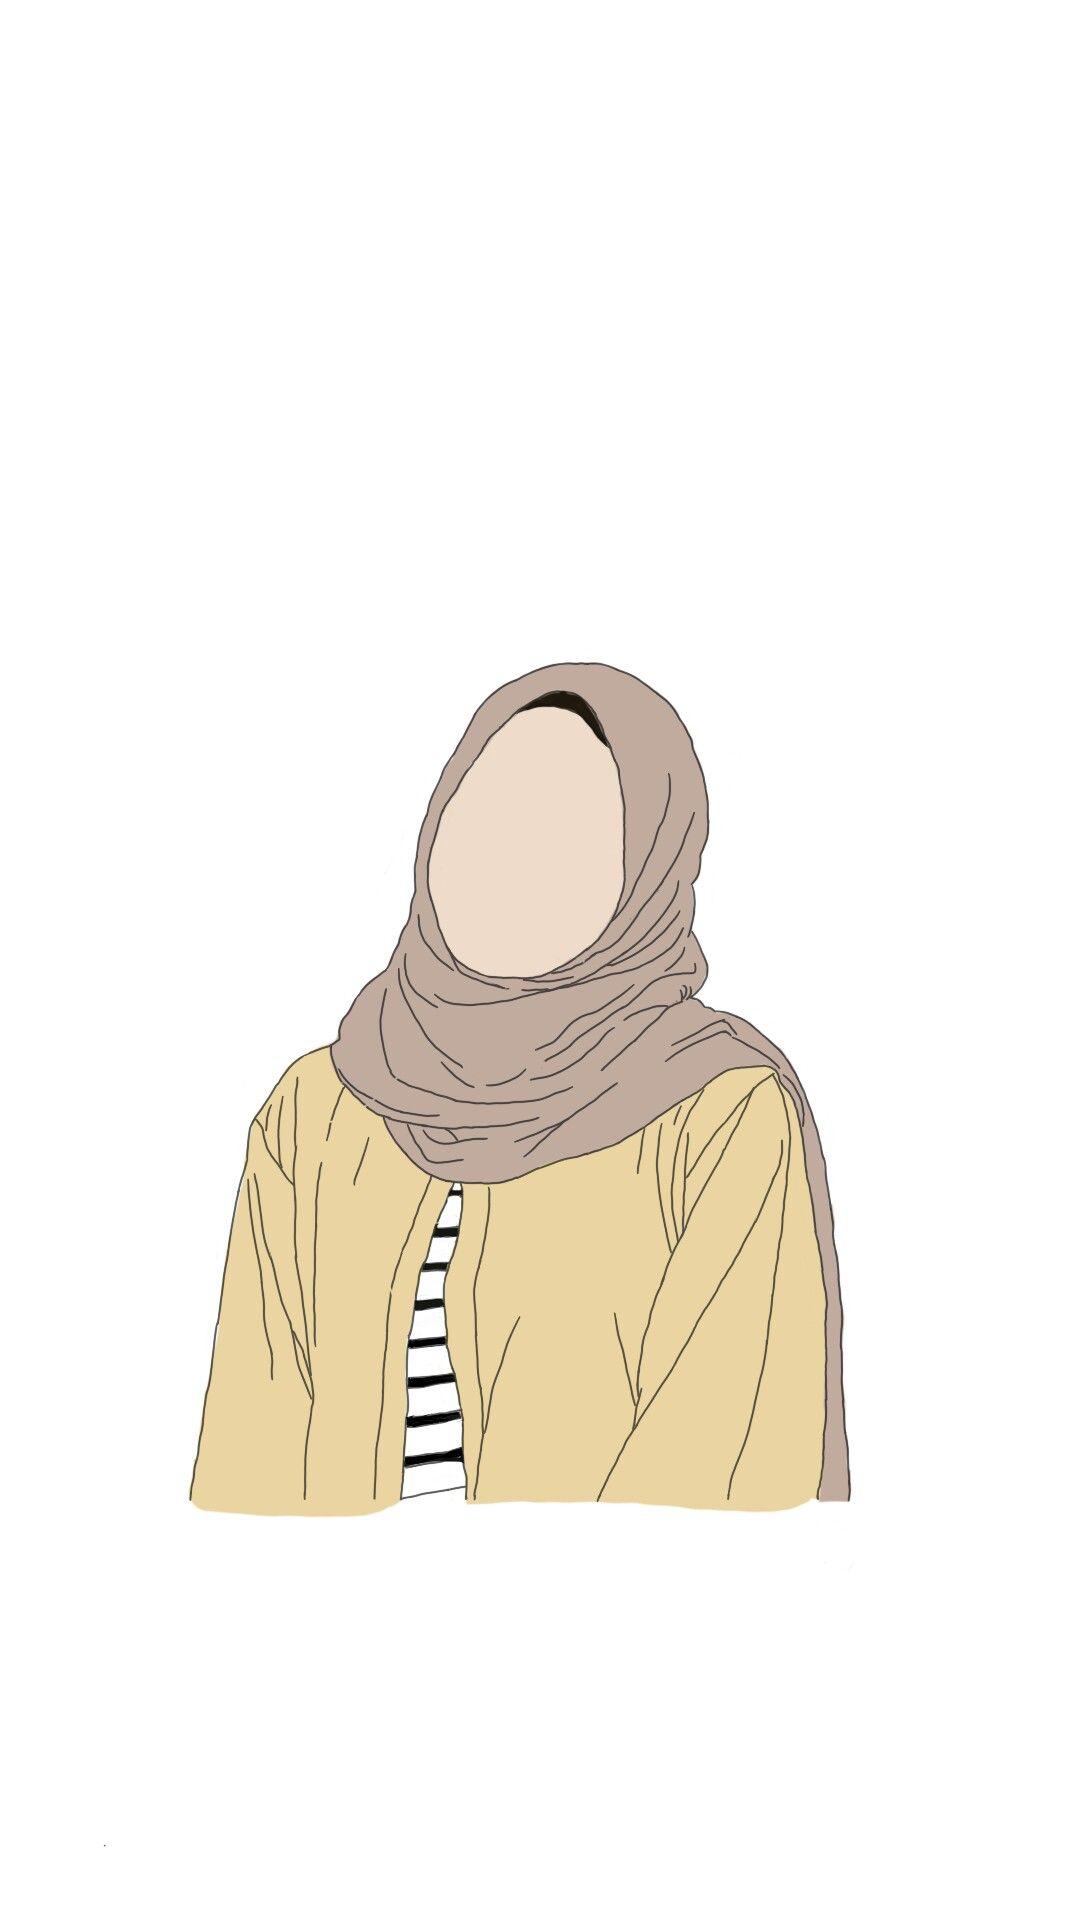 Hijab Fanart Muslimah Ilustrasi Karakter Kartun Animasi